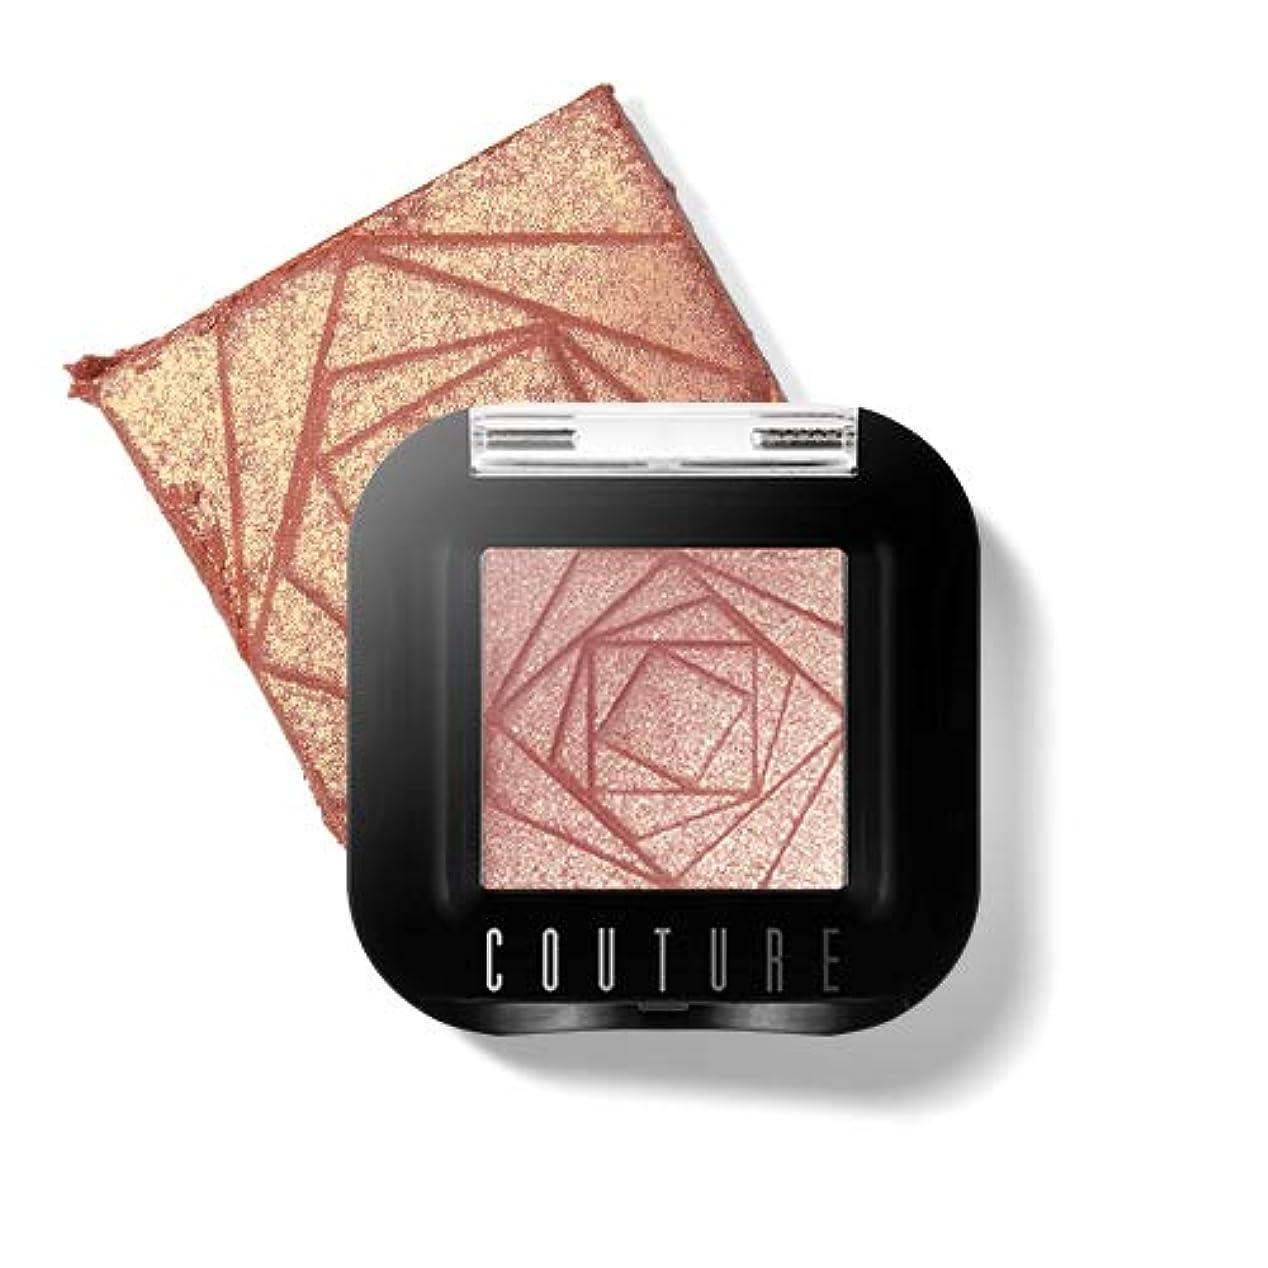 レコーダー苛性性格APIEU Couture Shadow (# 28) /アピュ/オピュ クチュールシャドウ 1.7g [並行輸入品]